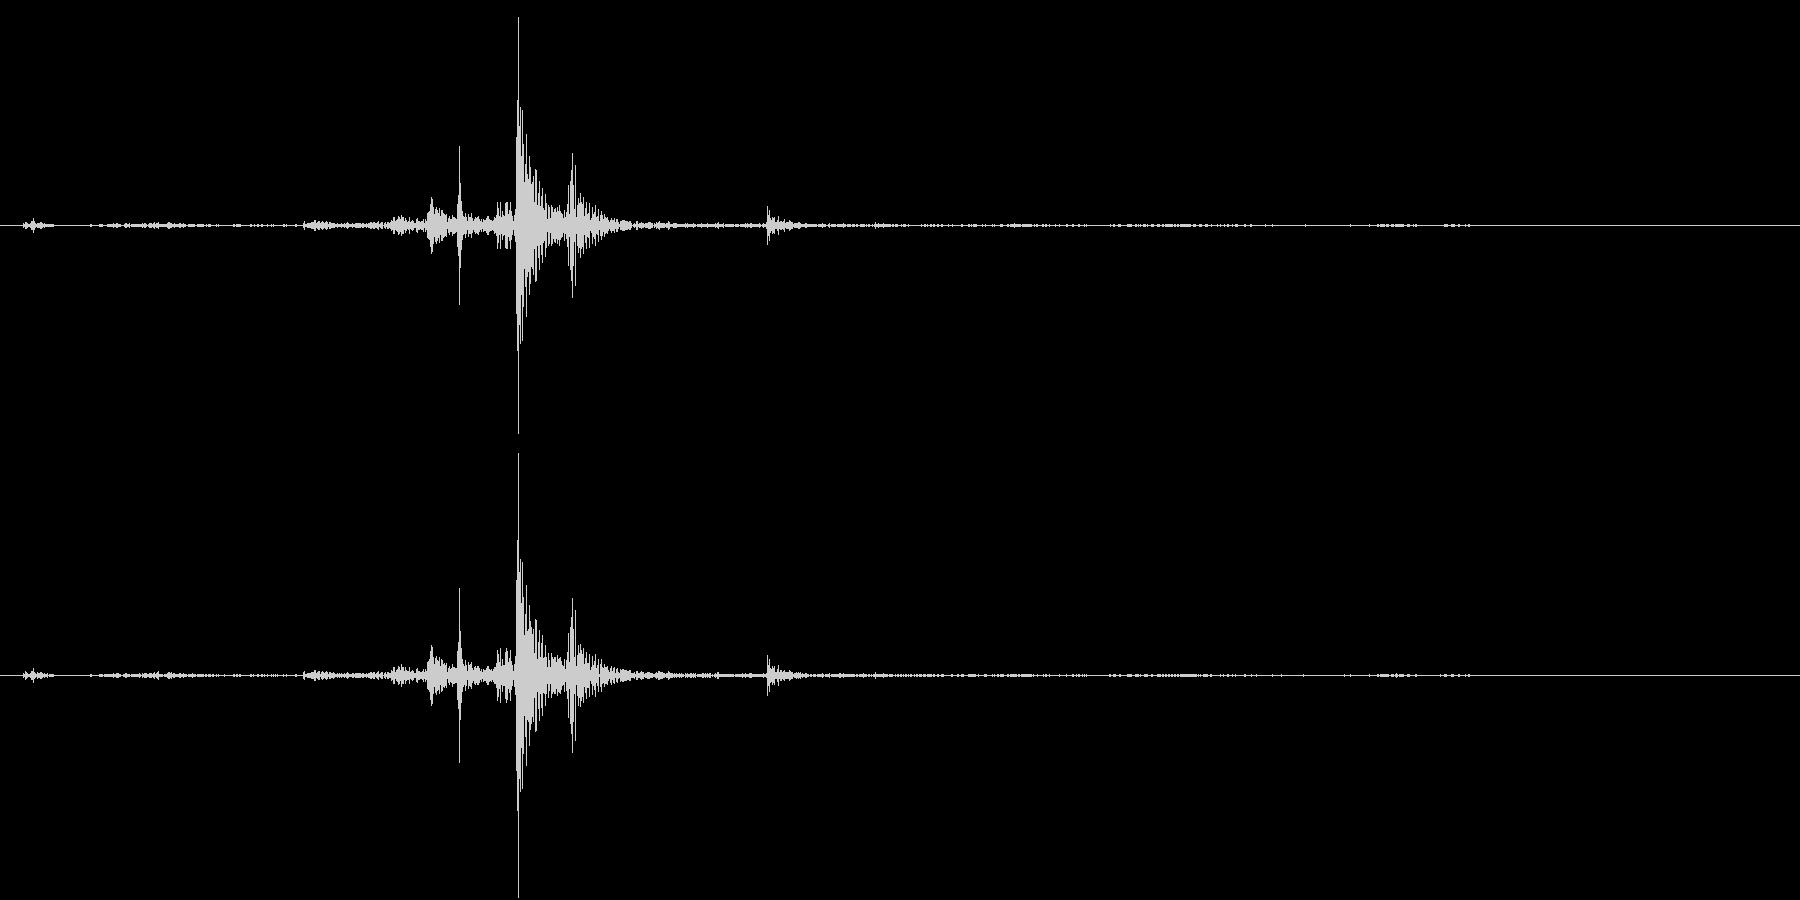 卵の殻が割れる音 噛む音の未再生の波形